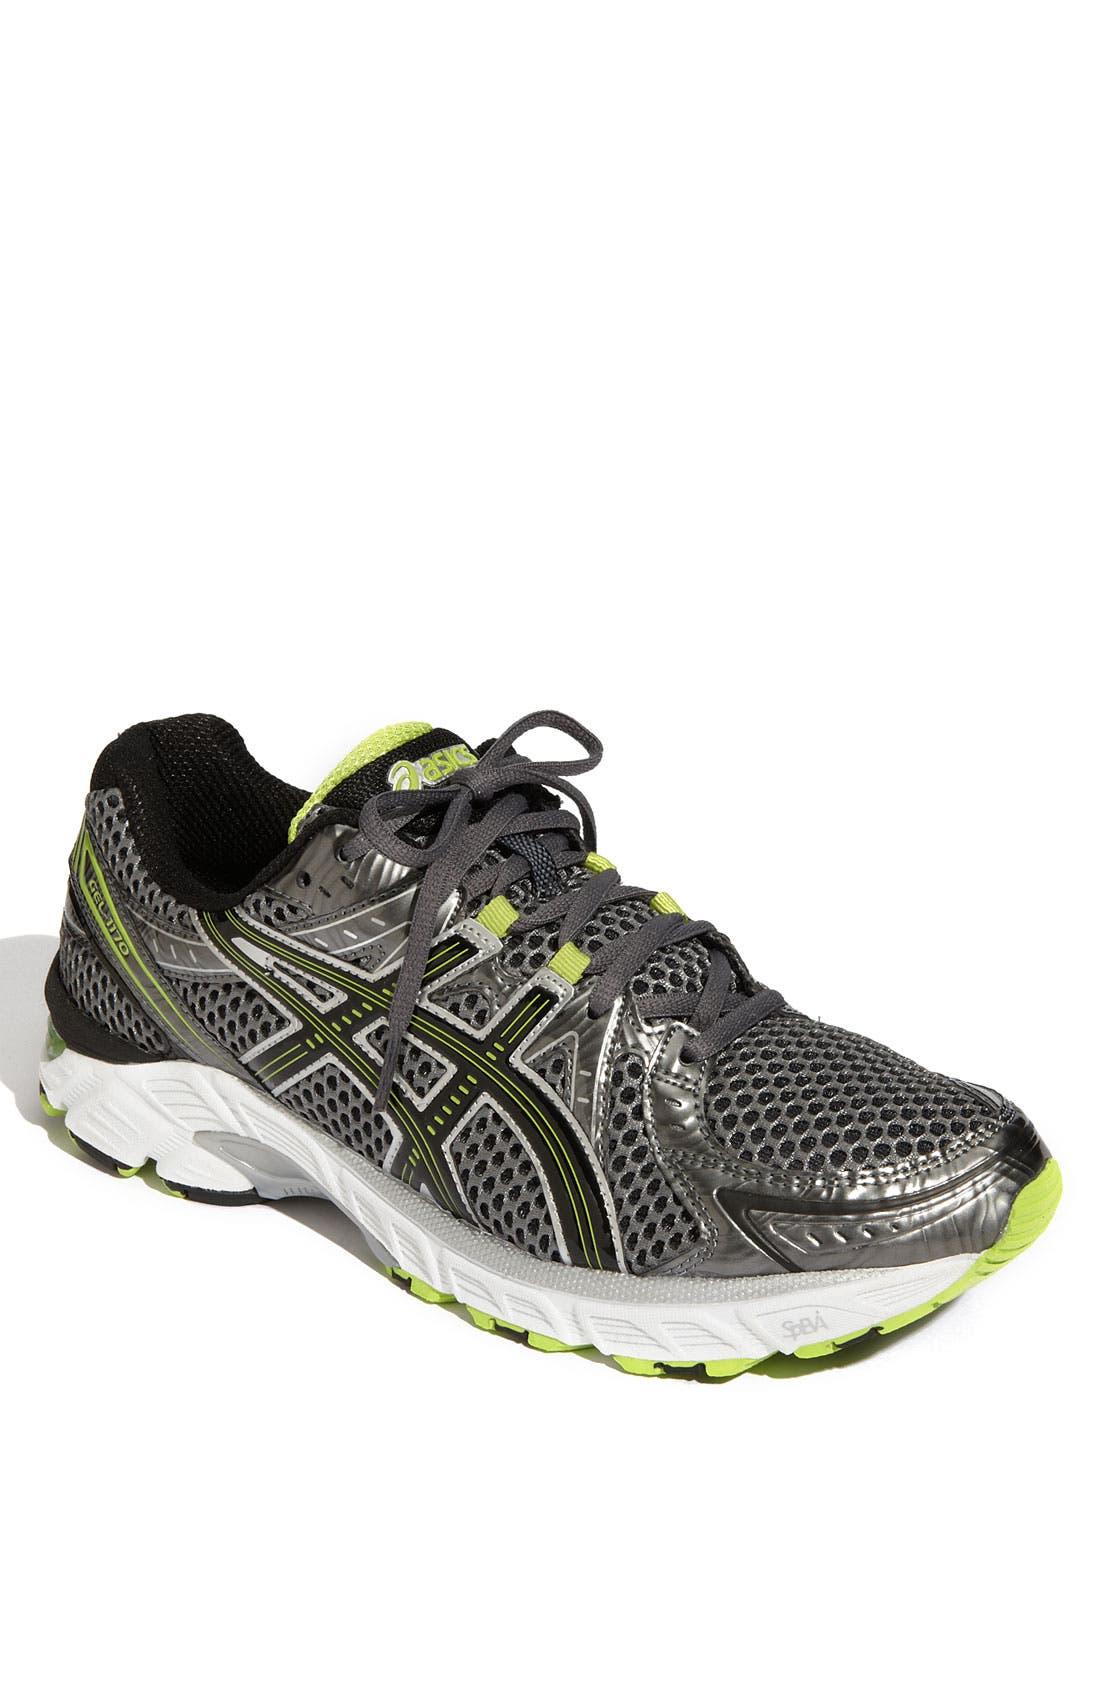 Main Image - ASICS® 'Gel-1170™' Running Shoe (Men)